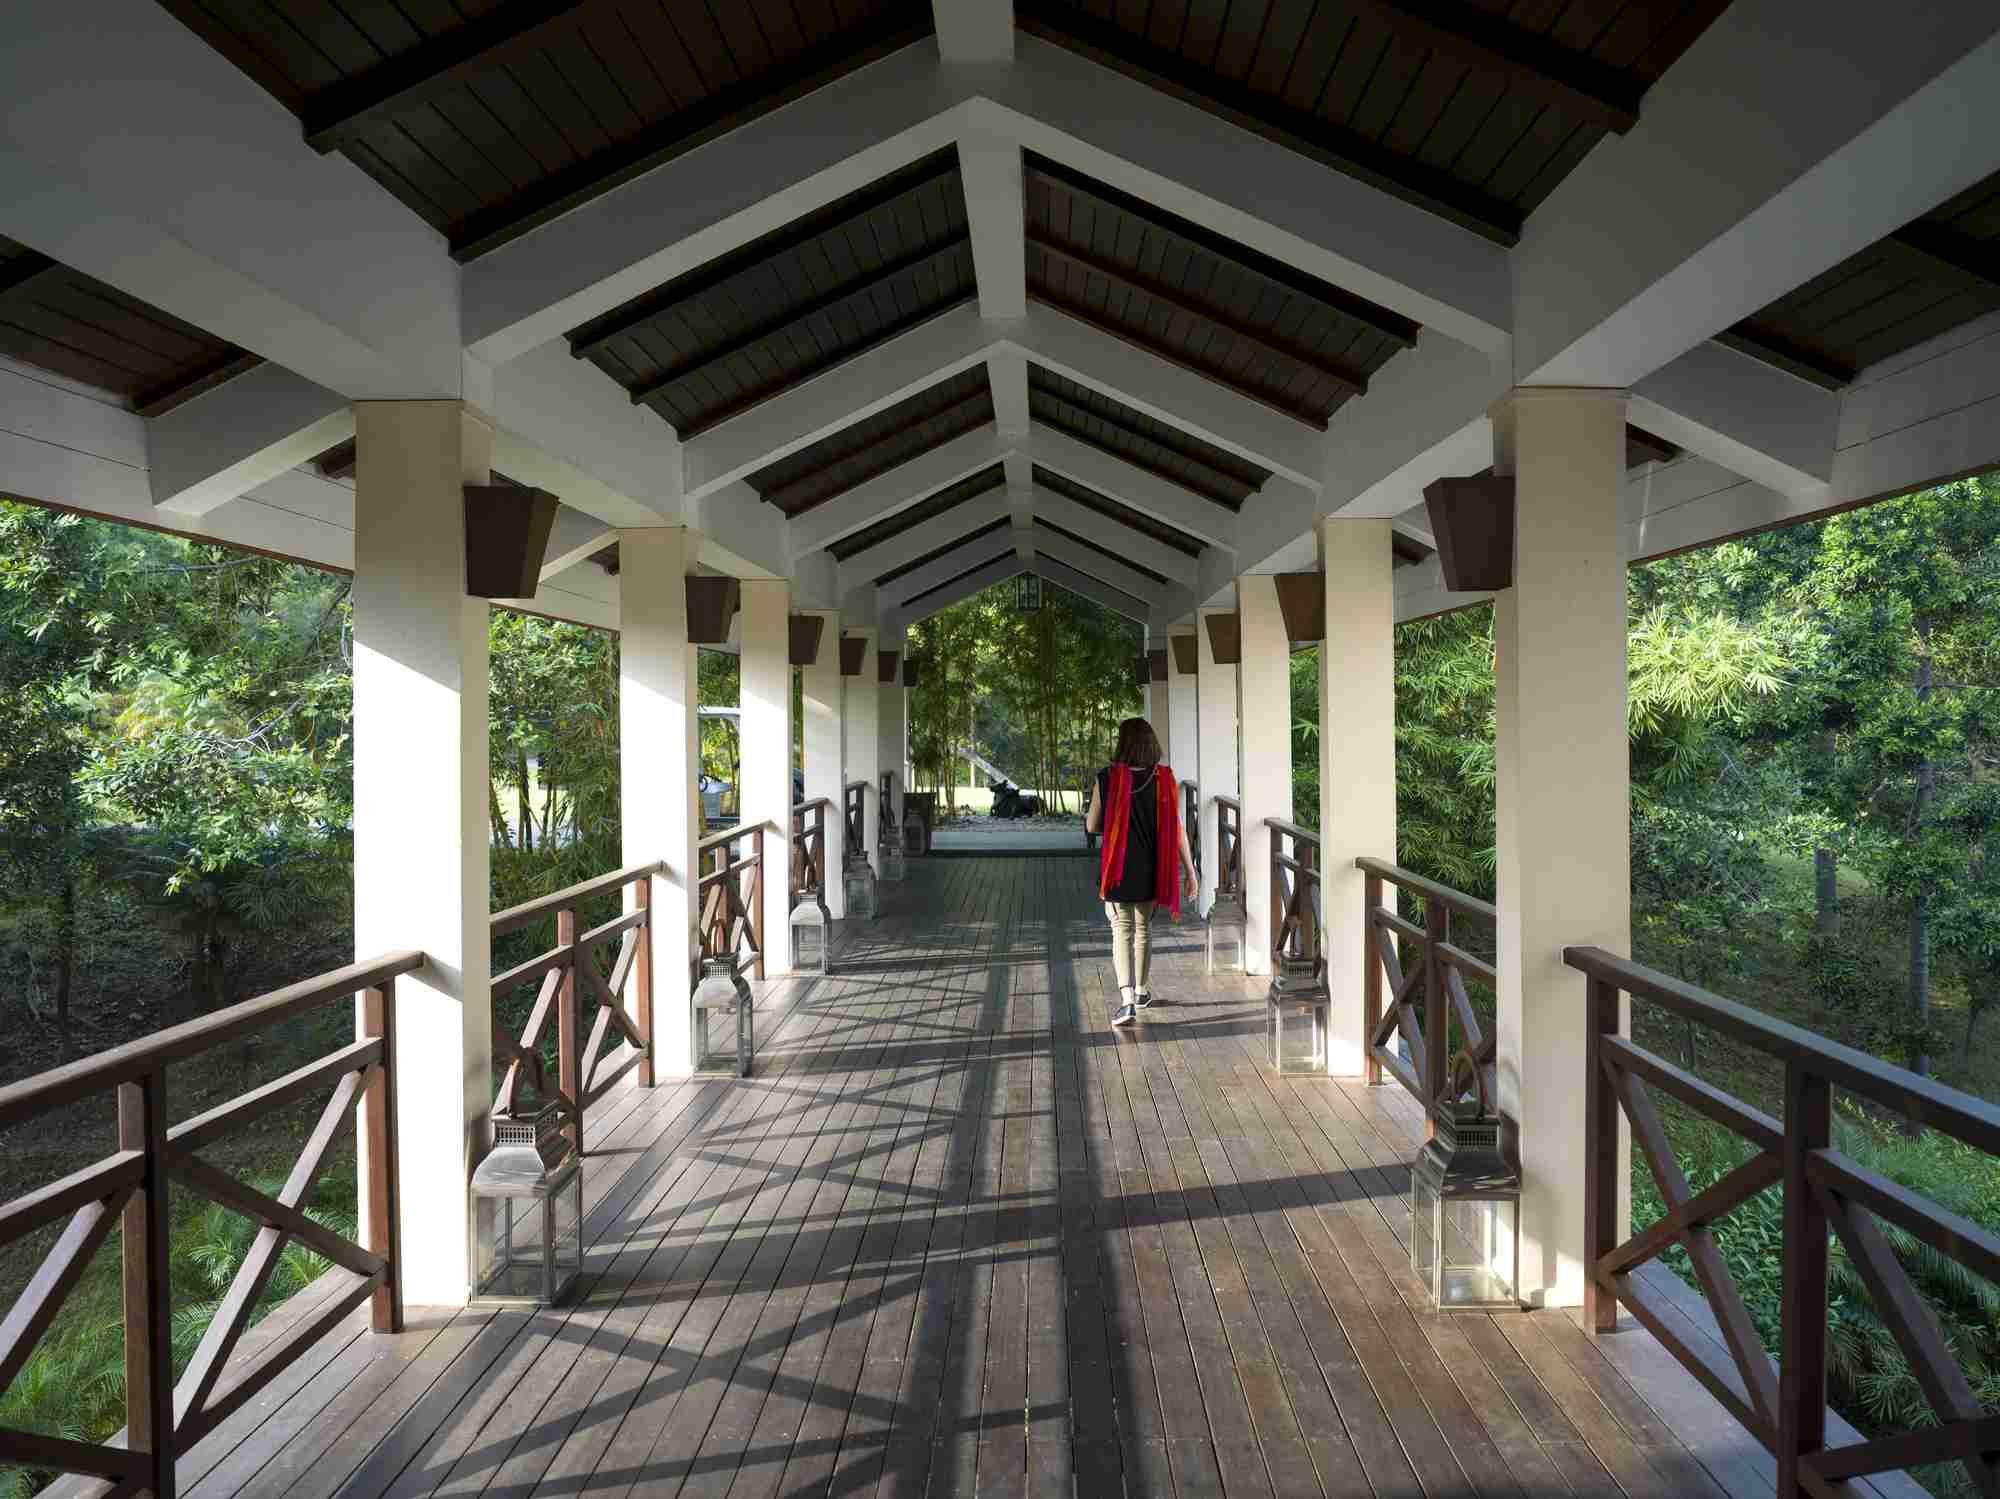 A woman walks down an open-air corridor, Ananda Hotel and Spa